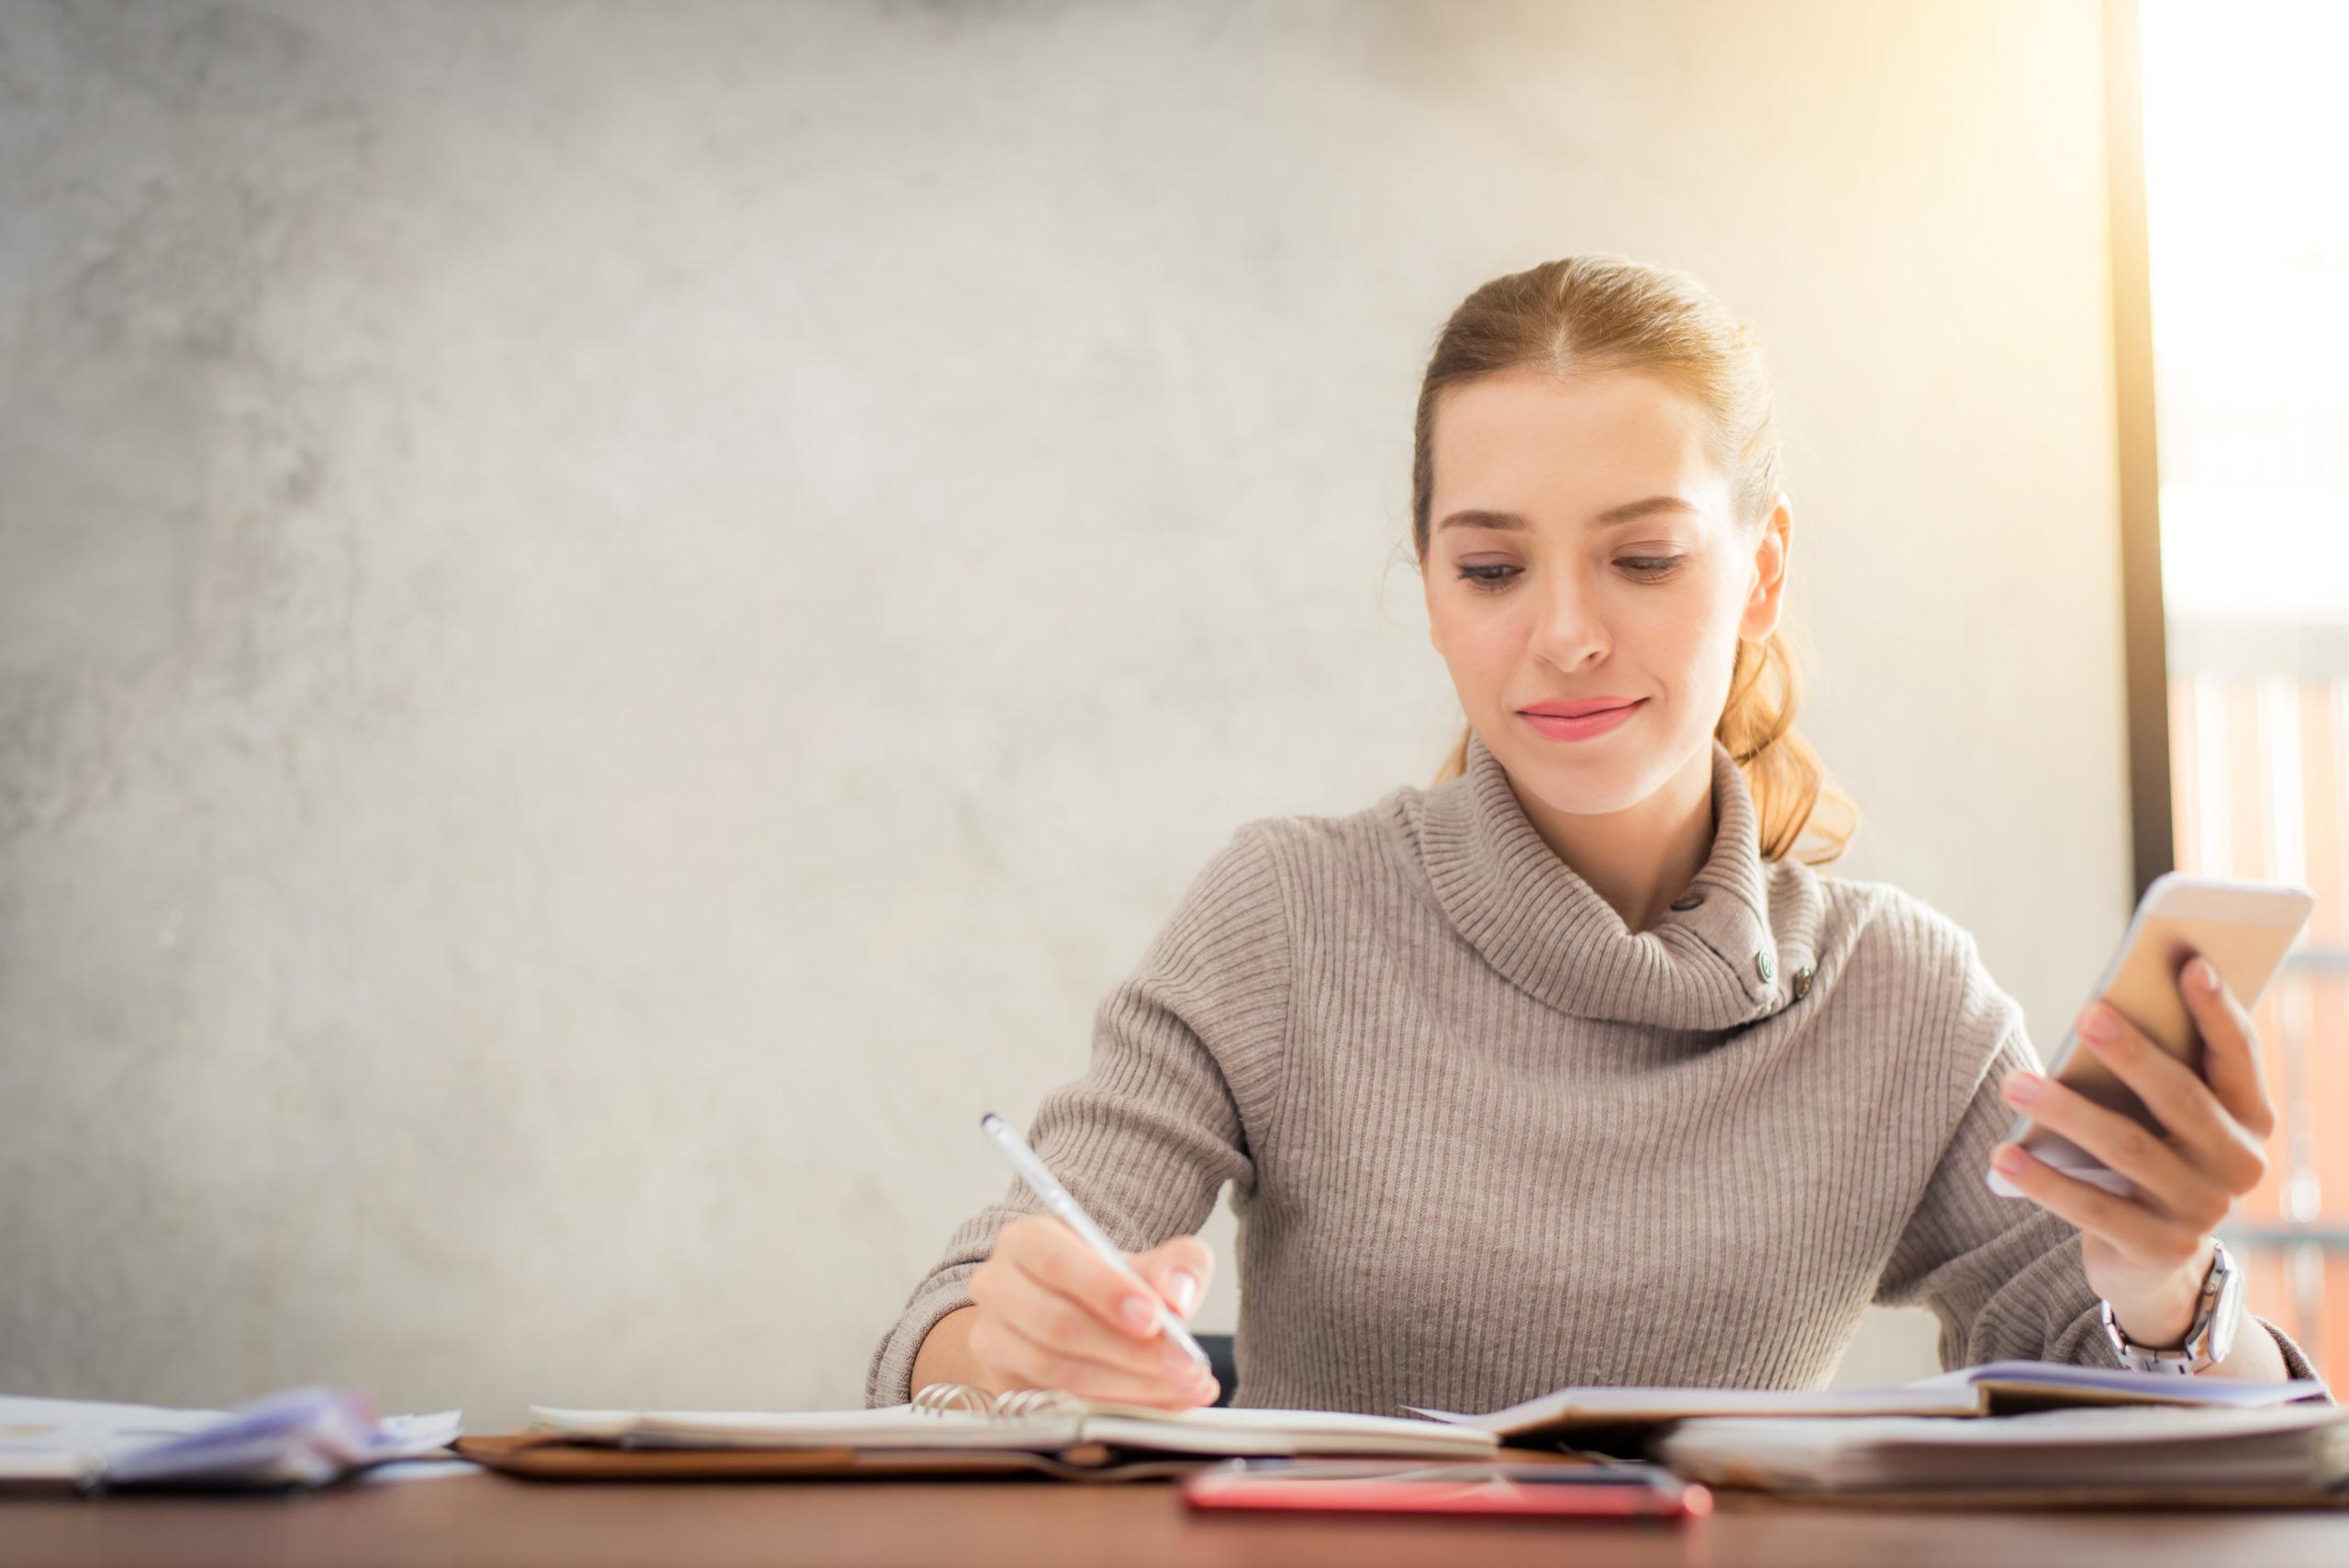 autonomia-no-trabalho-traz-motivacao